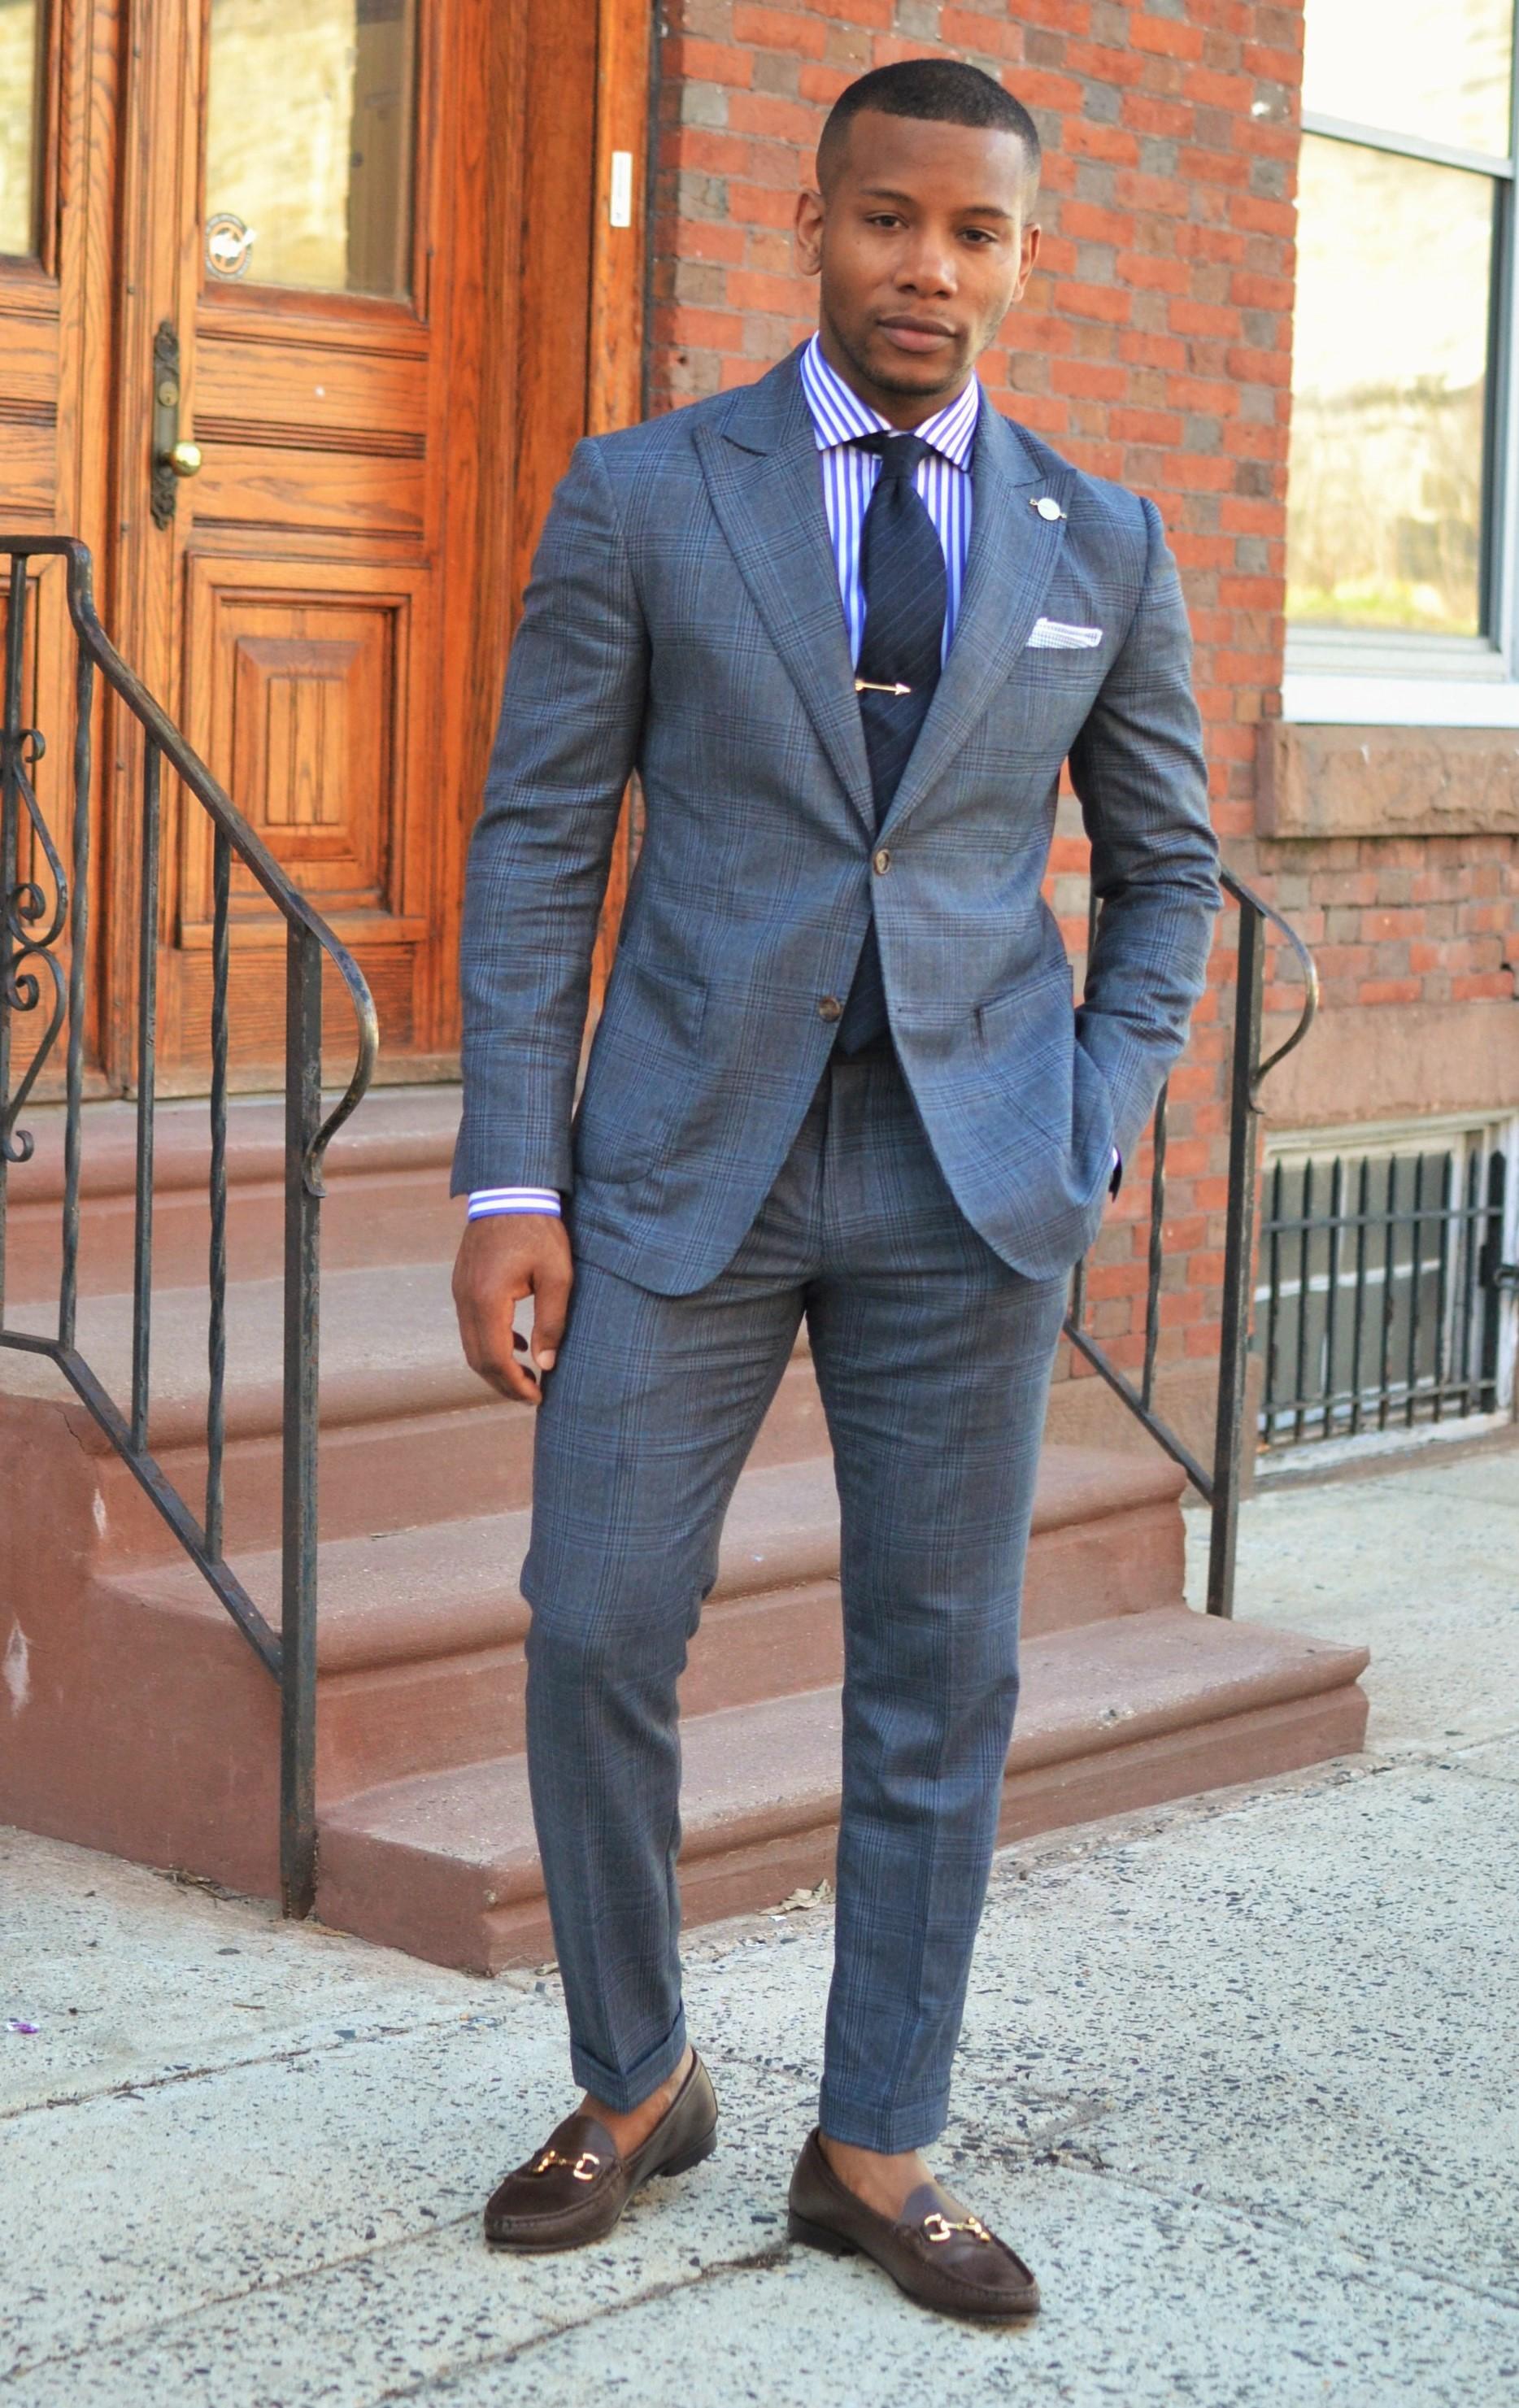 The New Spring Glen Plaid Suit 3 Ways Men 39 S Style Pro Men 39 S Style Blog Shop